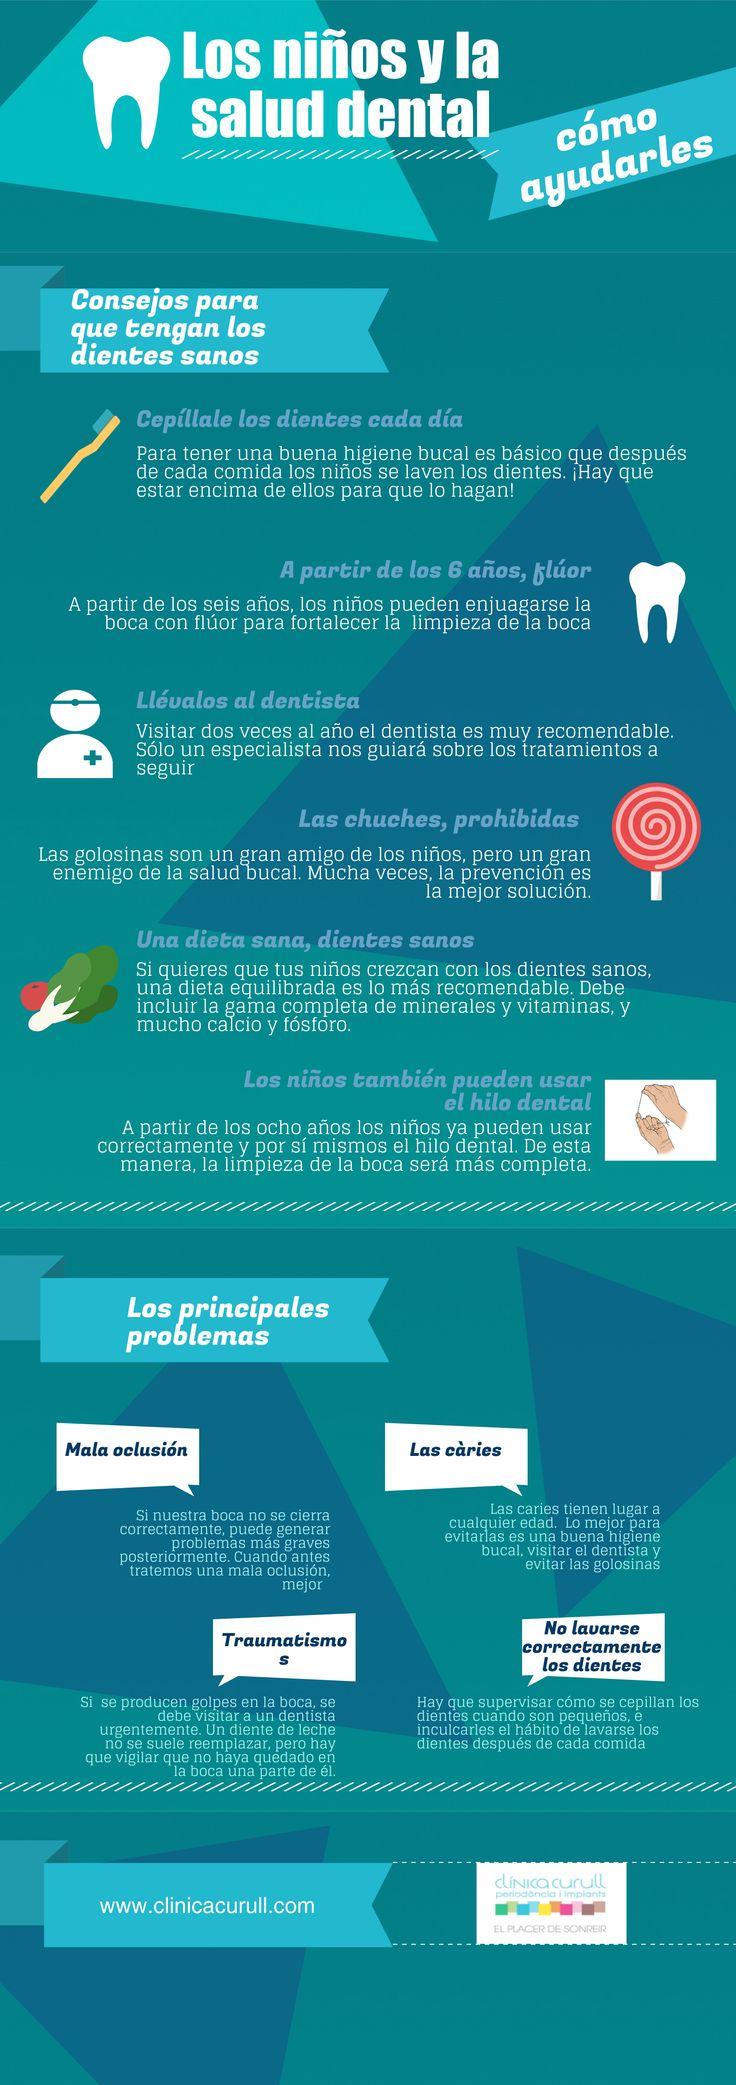 ¿Qué podemos hacer para que nuestros niños adquieran buenos hábitos de salud dental? ¡Os proponemos una serie de consejos! #SaludBucal #EstéticaDental www.clinicacurull.com/